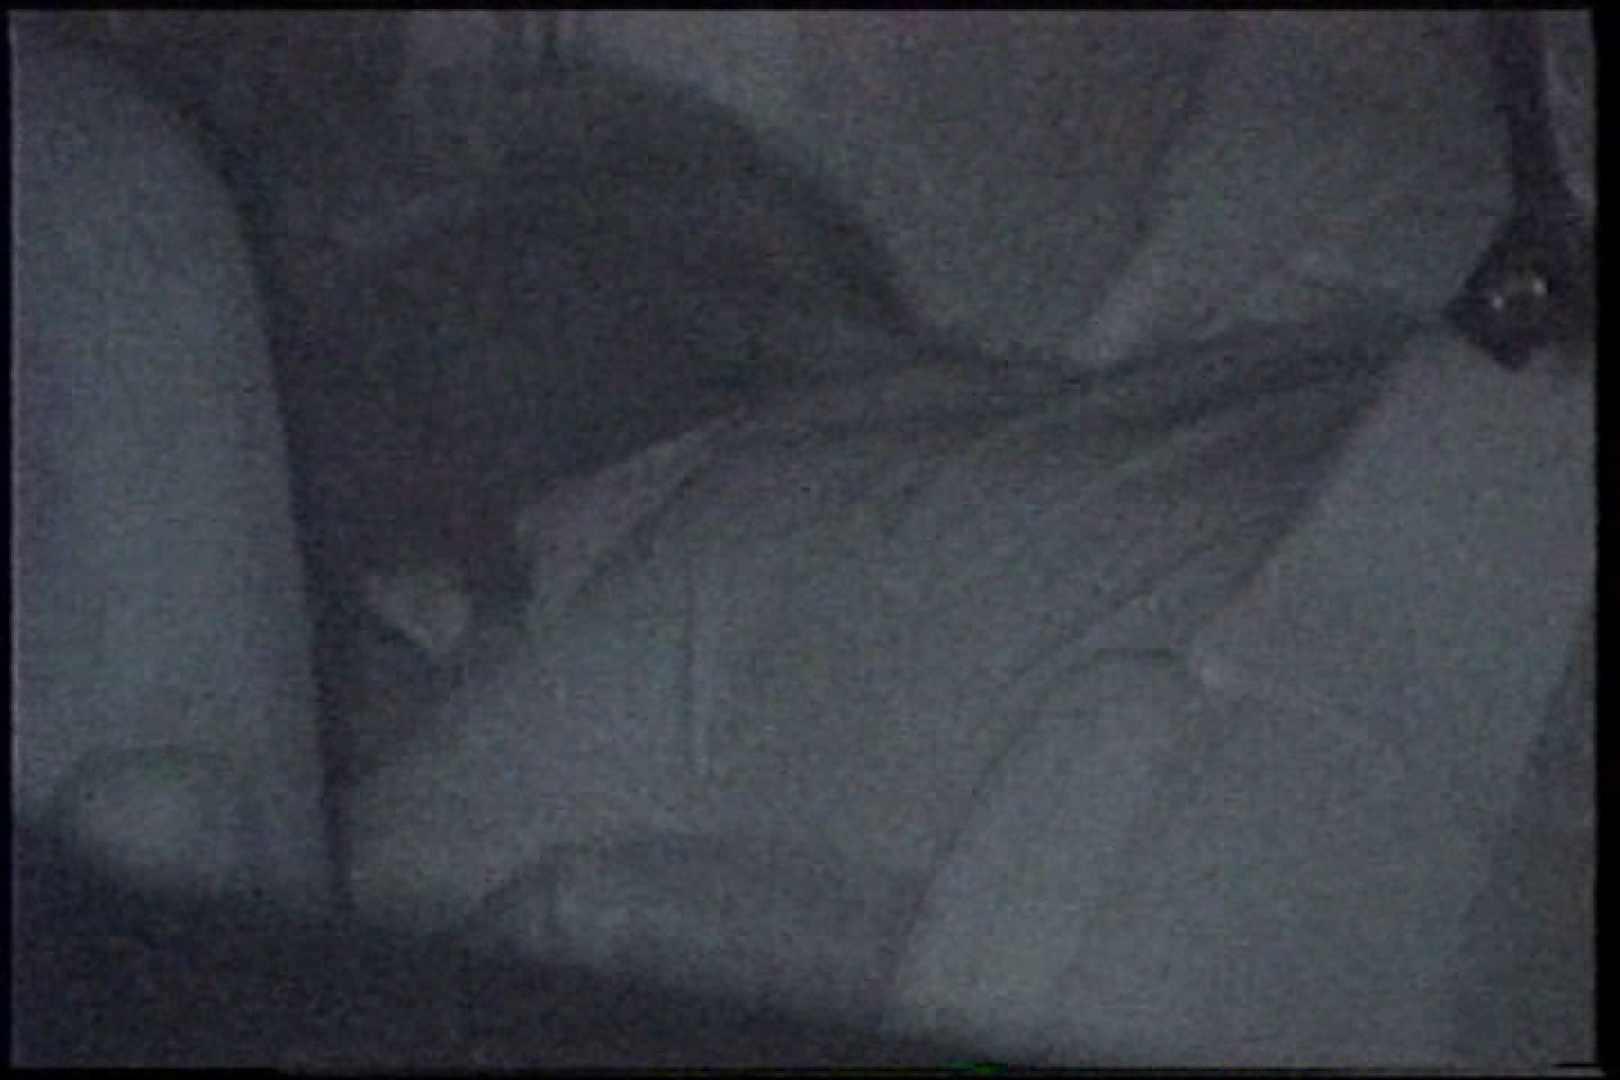 充血監督の深夜の運動会Vol.211 おっぱい   OLエロ画像  100PICs 7